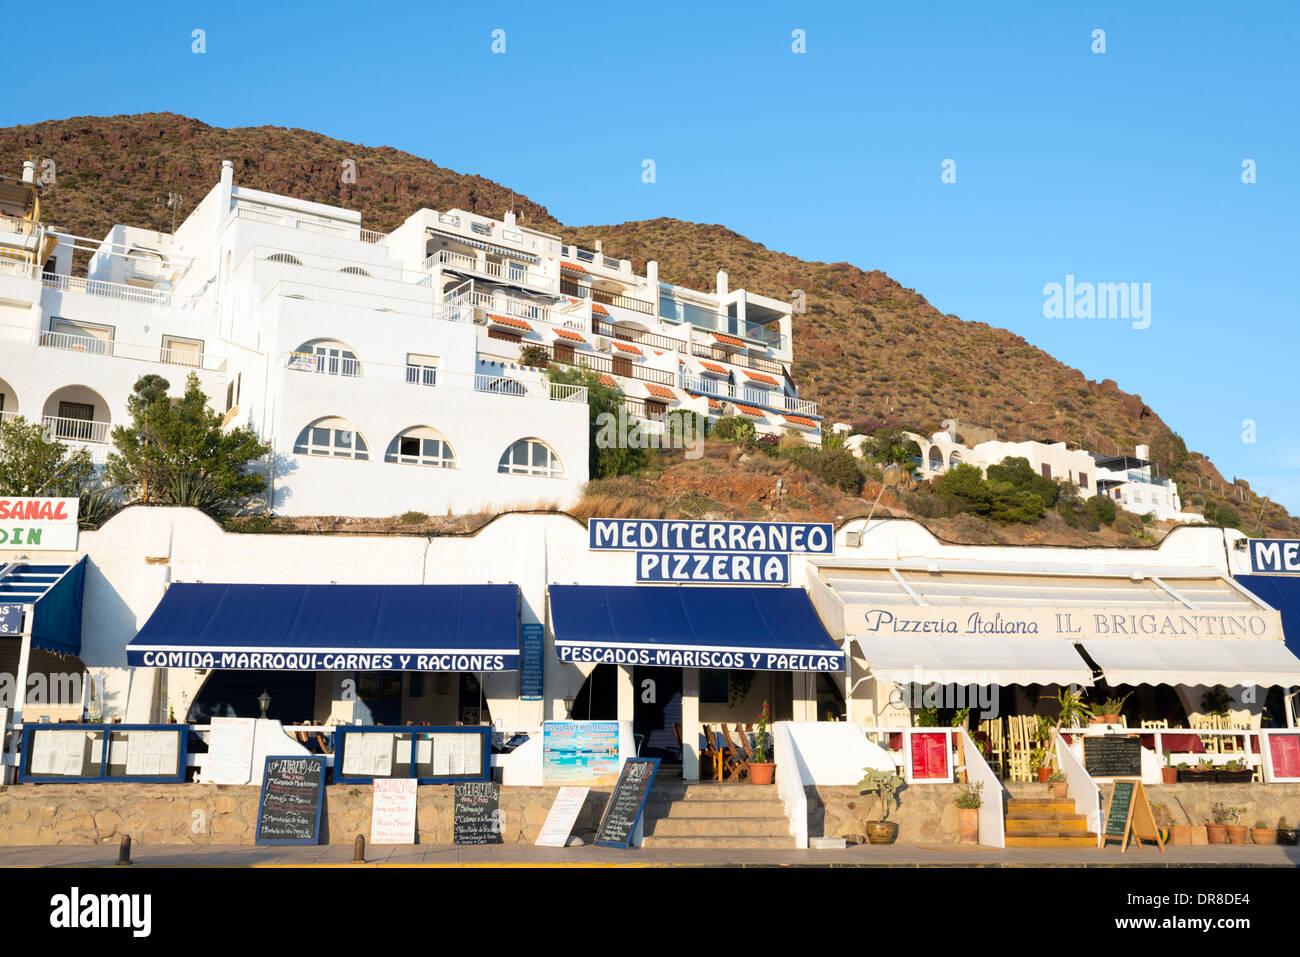 Ristoranti lungo il litorale di San Jose, Cabo de Gata-Nijar, Spagna Immagini Stock